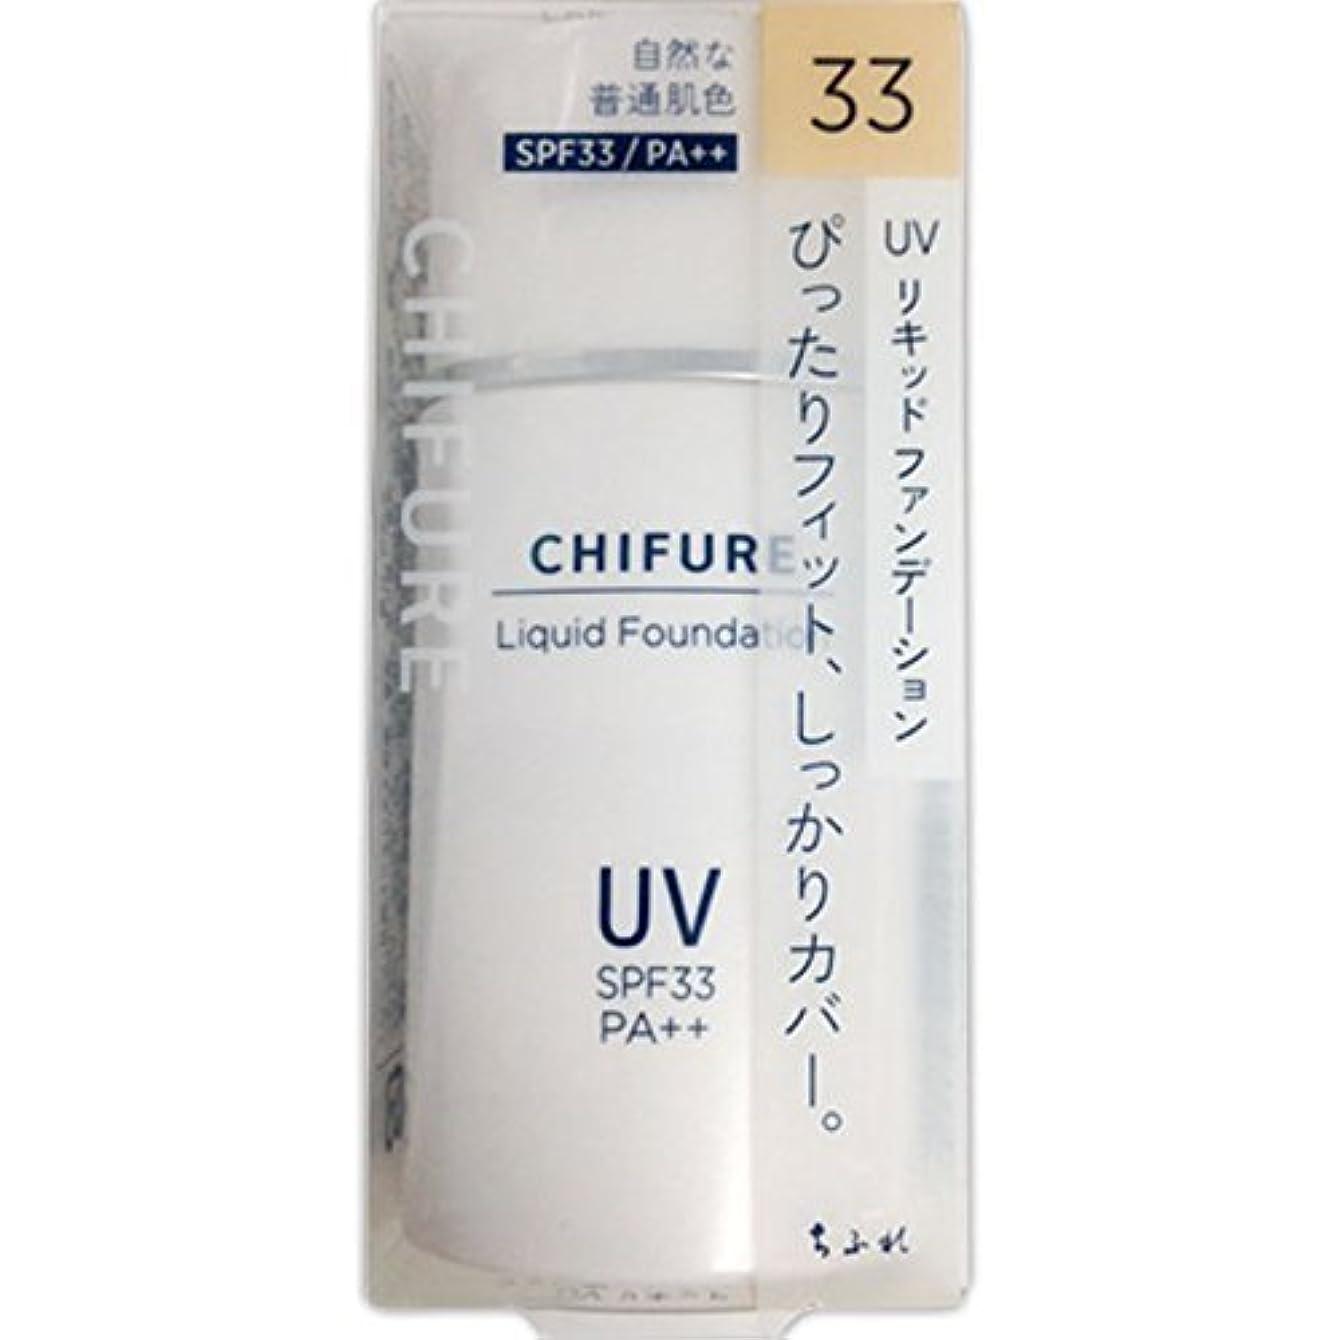 スノーケルペルソナ快適ちふれ化粧品 UV リキッド ファンデーション 33 自然な普通肌色 30ML